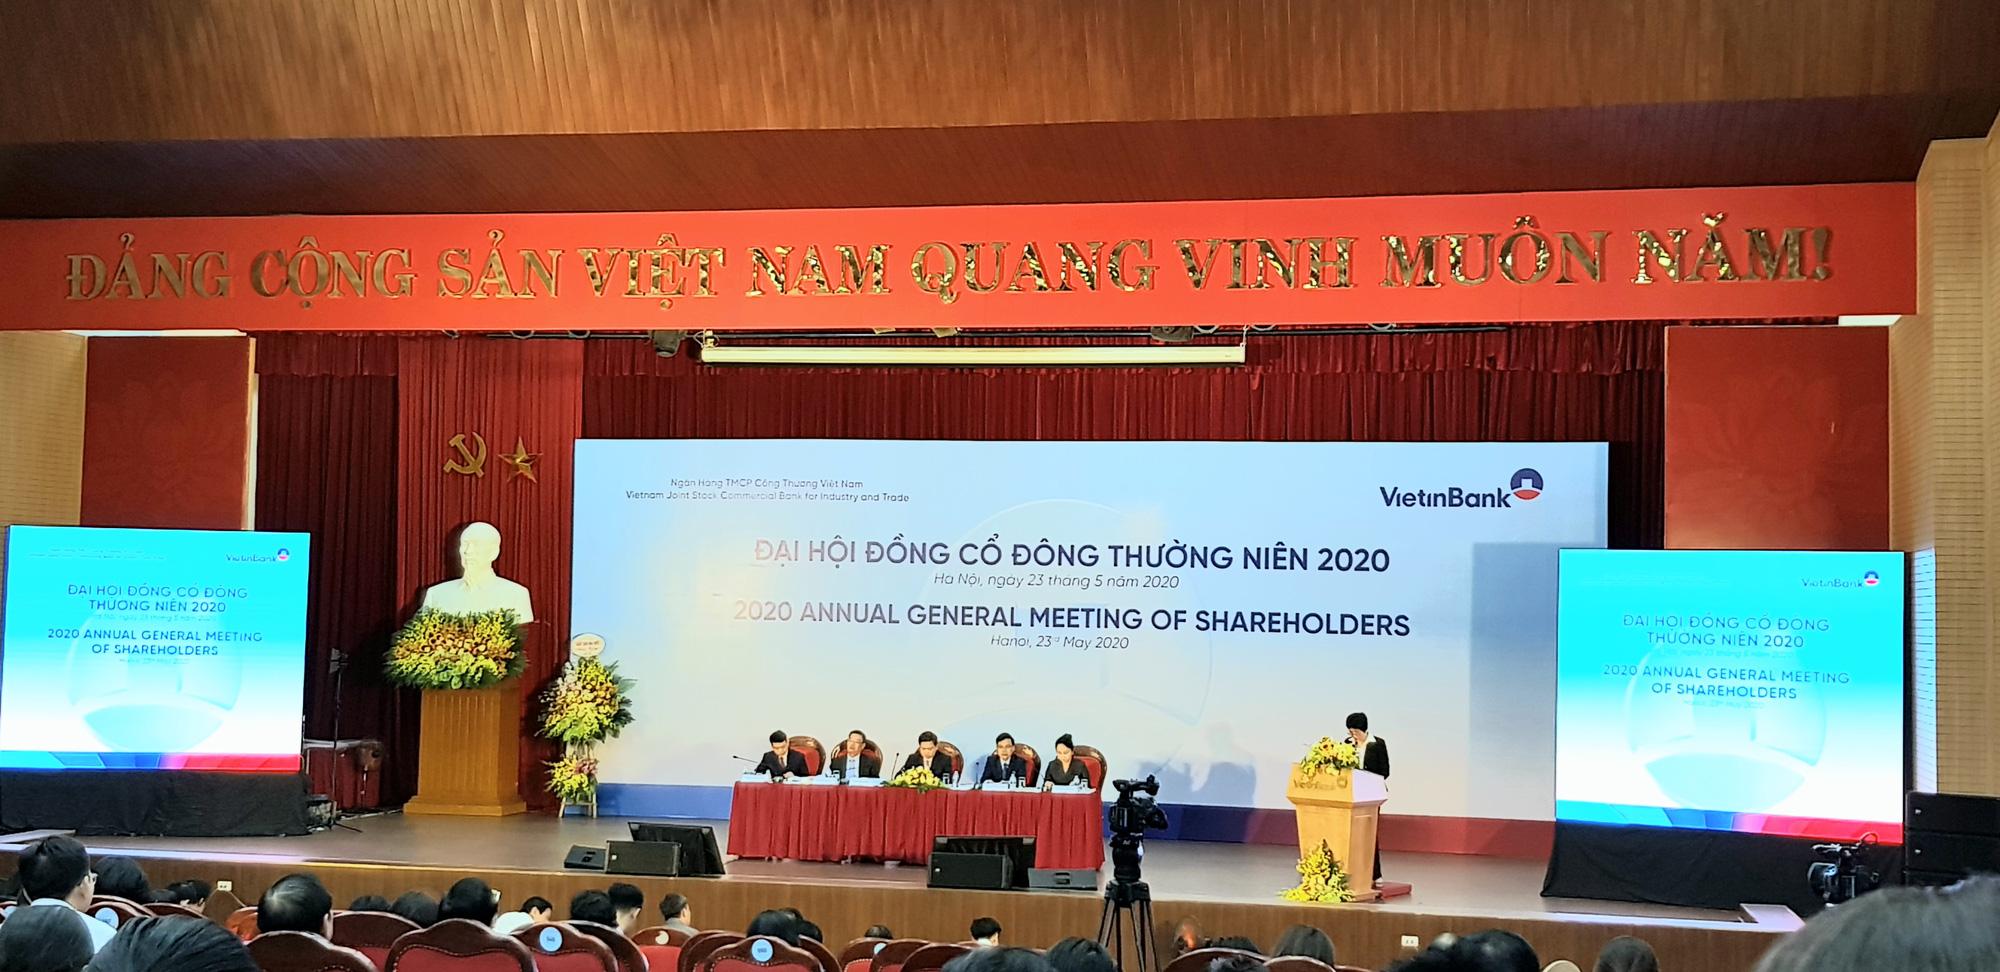 Chủ tịch Vietinbank đề nghị giữ lại lợi nhuận hoặc chia cổ tức bằng cổ phiếu, chưa tiết lộ mục tiêu lợi nhuận - Ảnh 1.